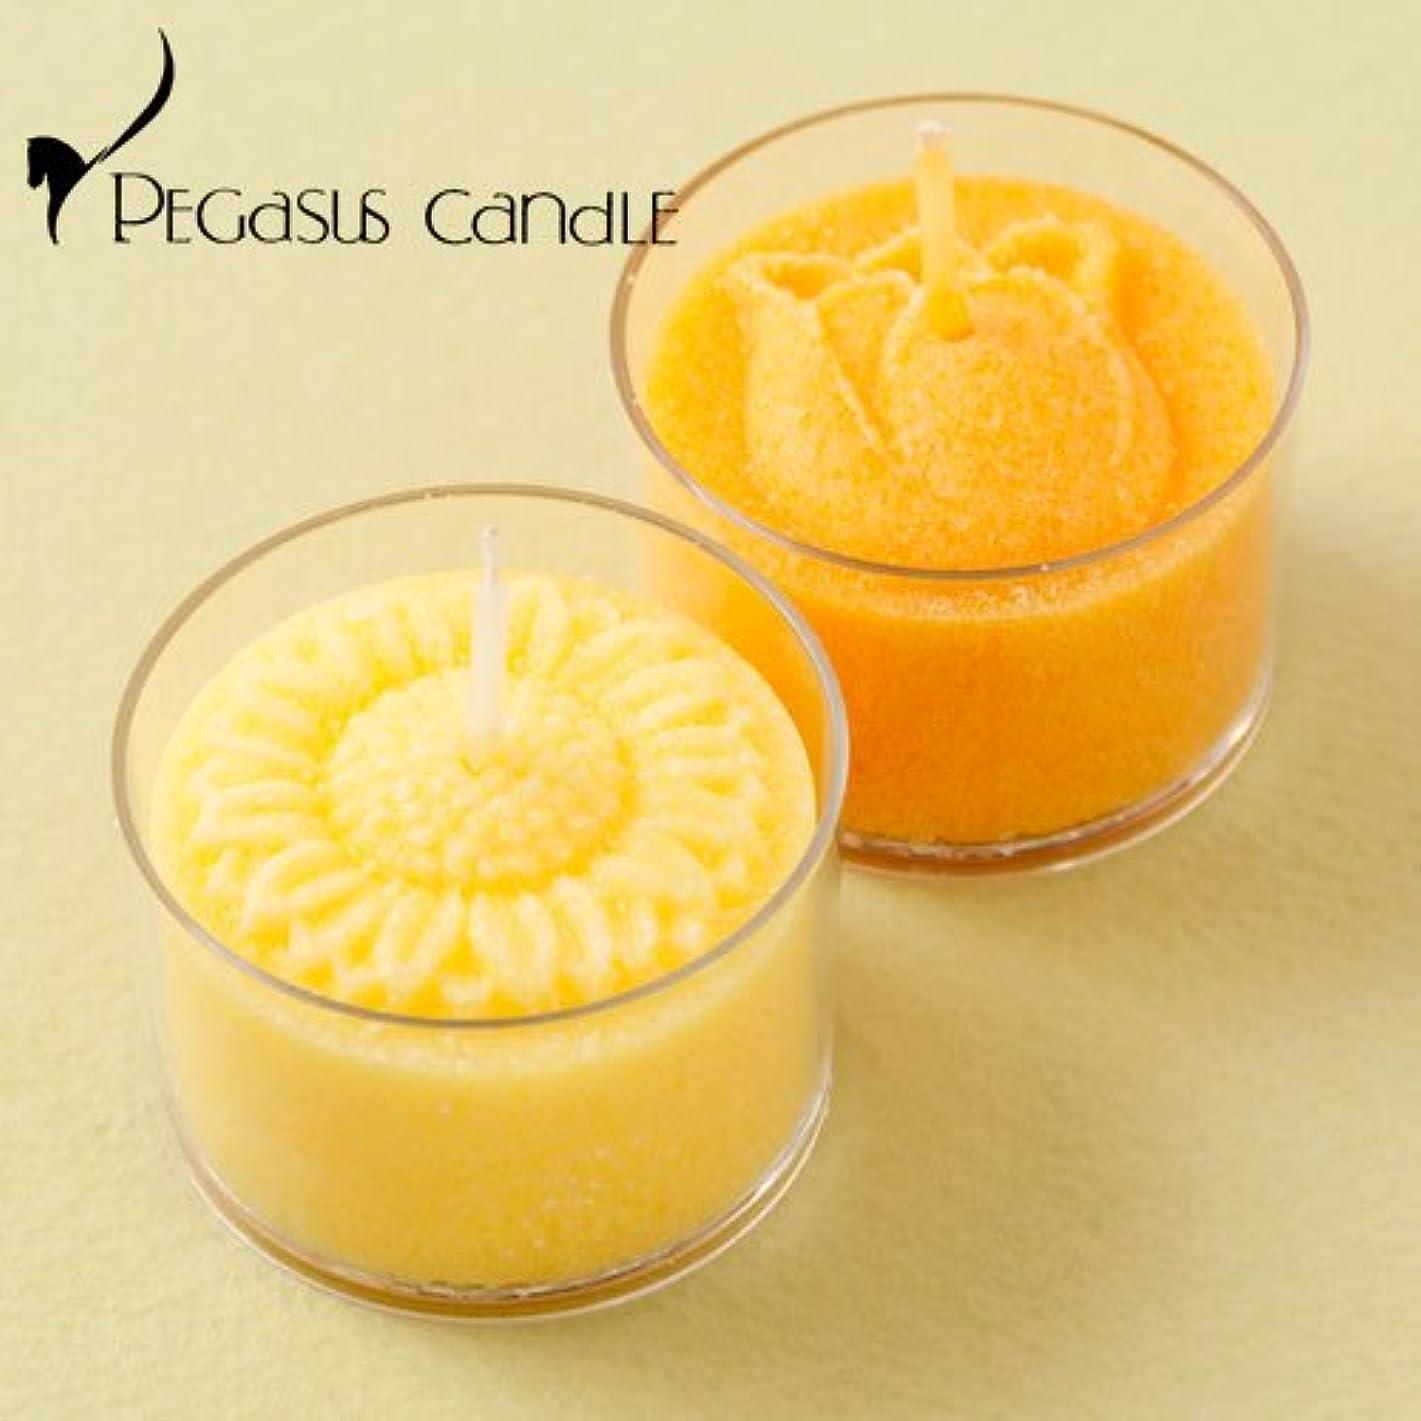 残り物クラウド実業家花暦ヒマワリ?チューリップ花の形のキャンドル2個セット(無香タイプ)ペガサスキャンドルFlower shaped candle